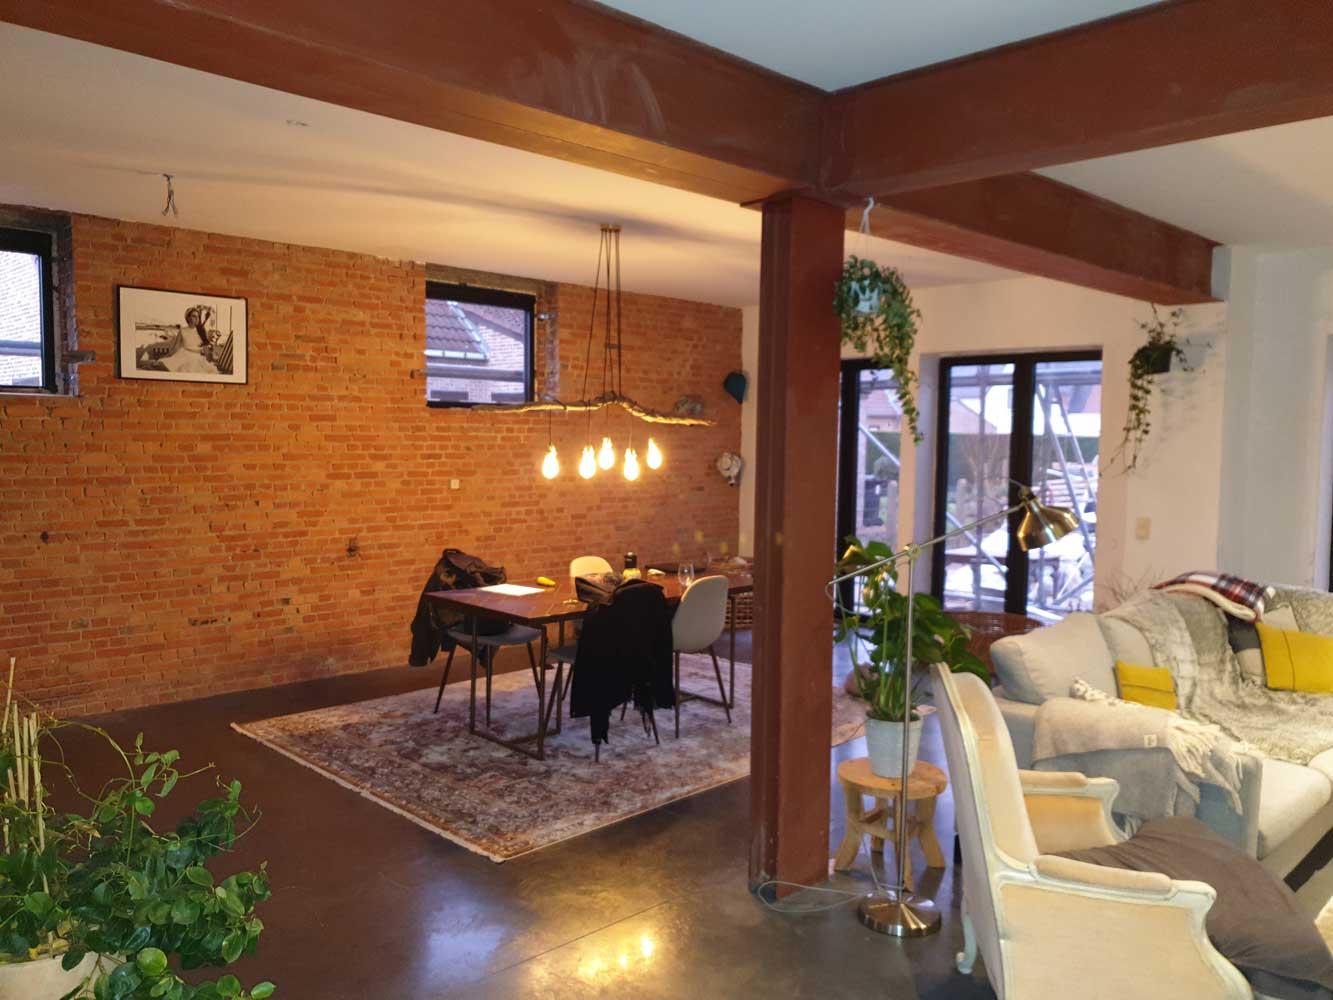 Woning renovatie Aannemer verbouwingen en renovaties - Entrepreneur transformations et rénovations